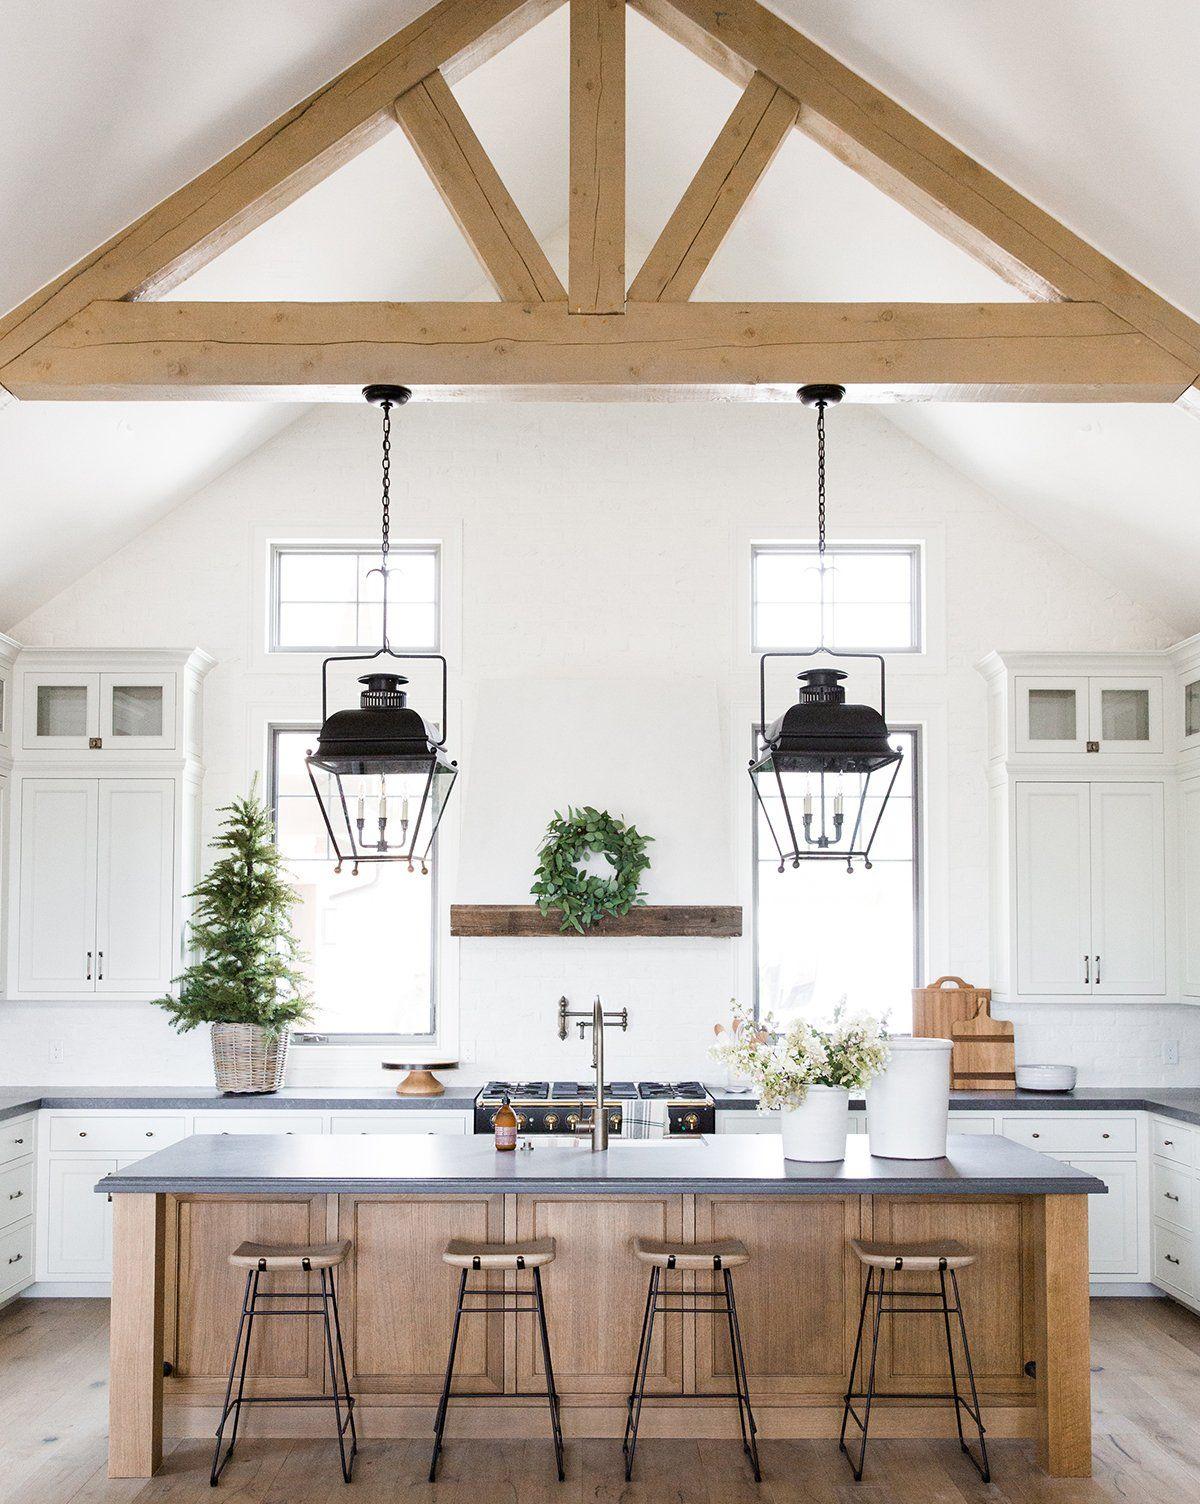 Best Crackle Cream Planter Large Farmhouse Kitchen Decor 400 x 300